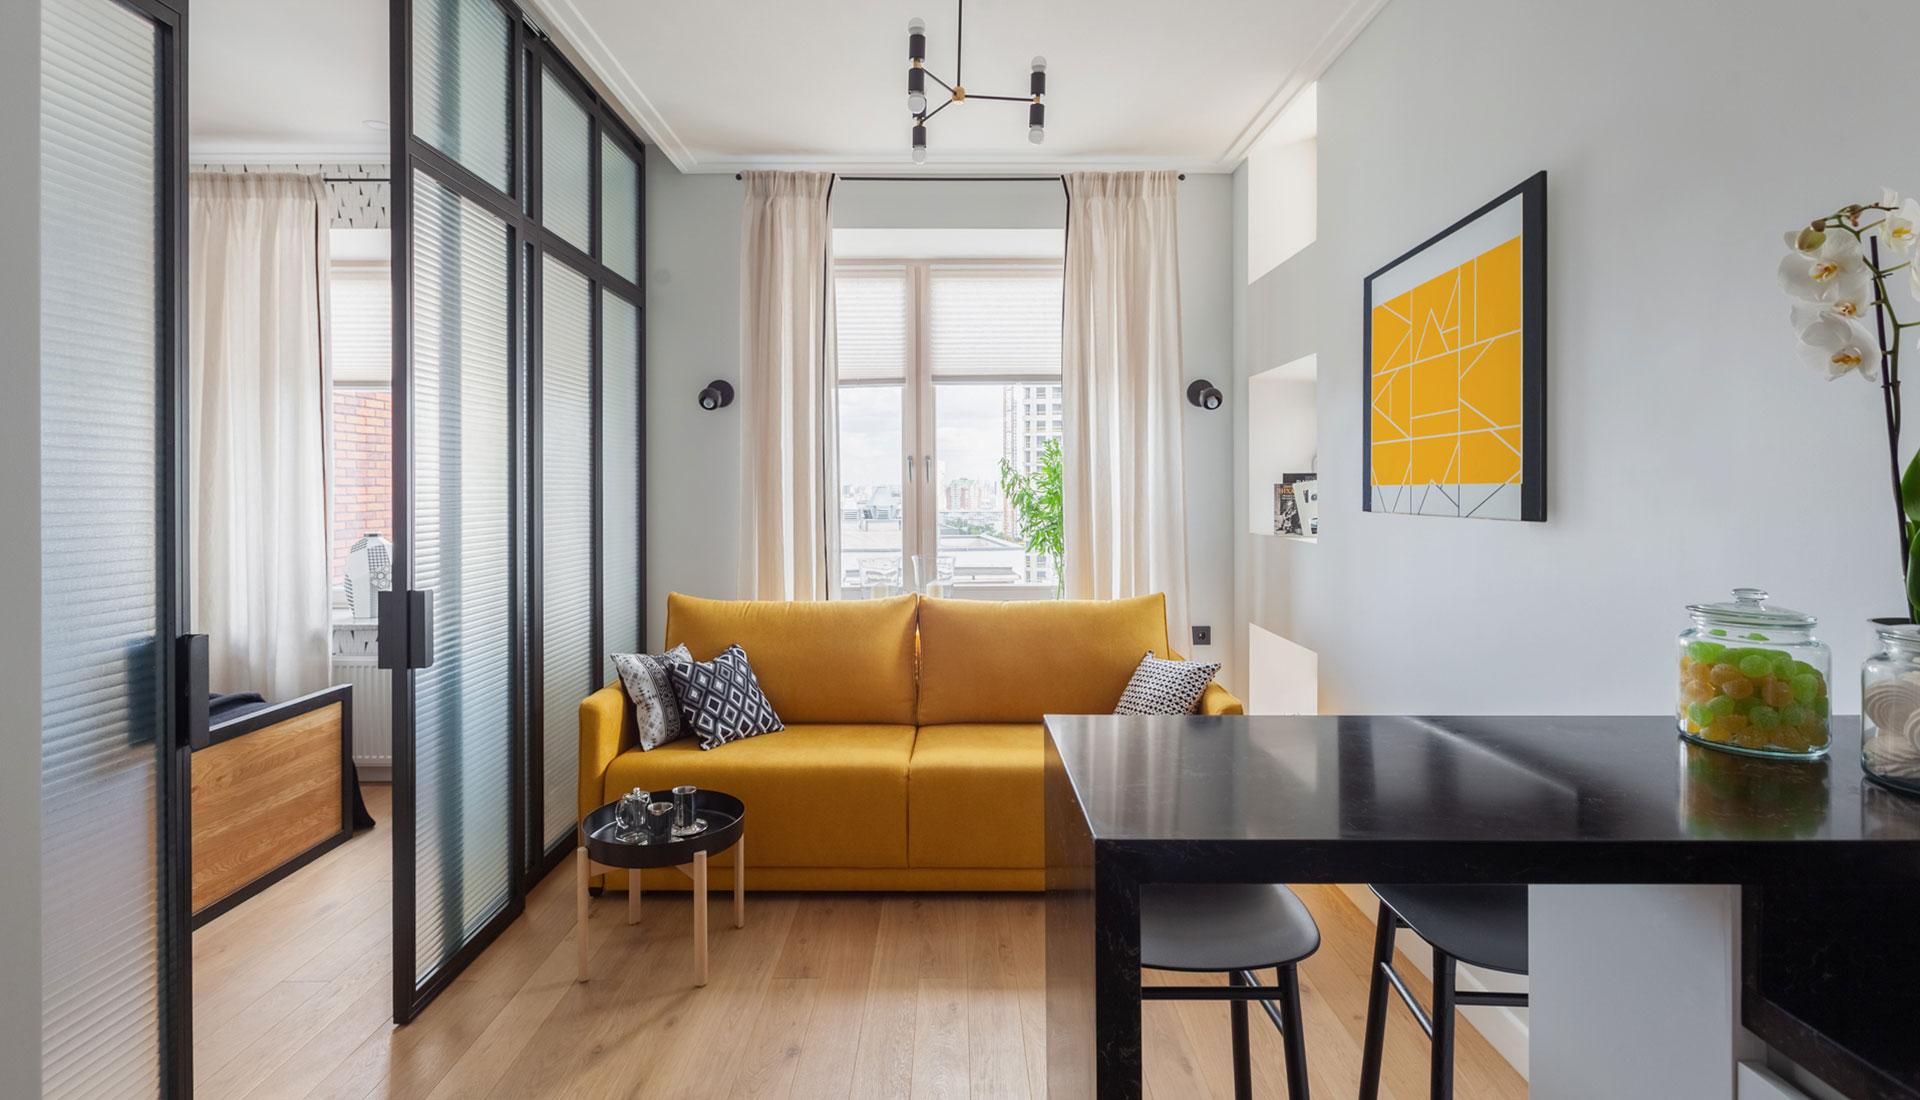 Мария Безрукова: маленькая квартира для сдачи в аренду